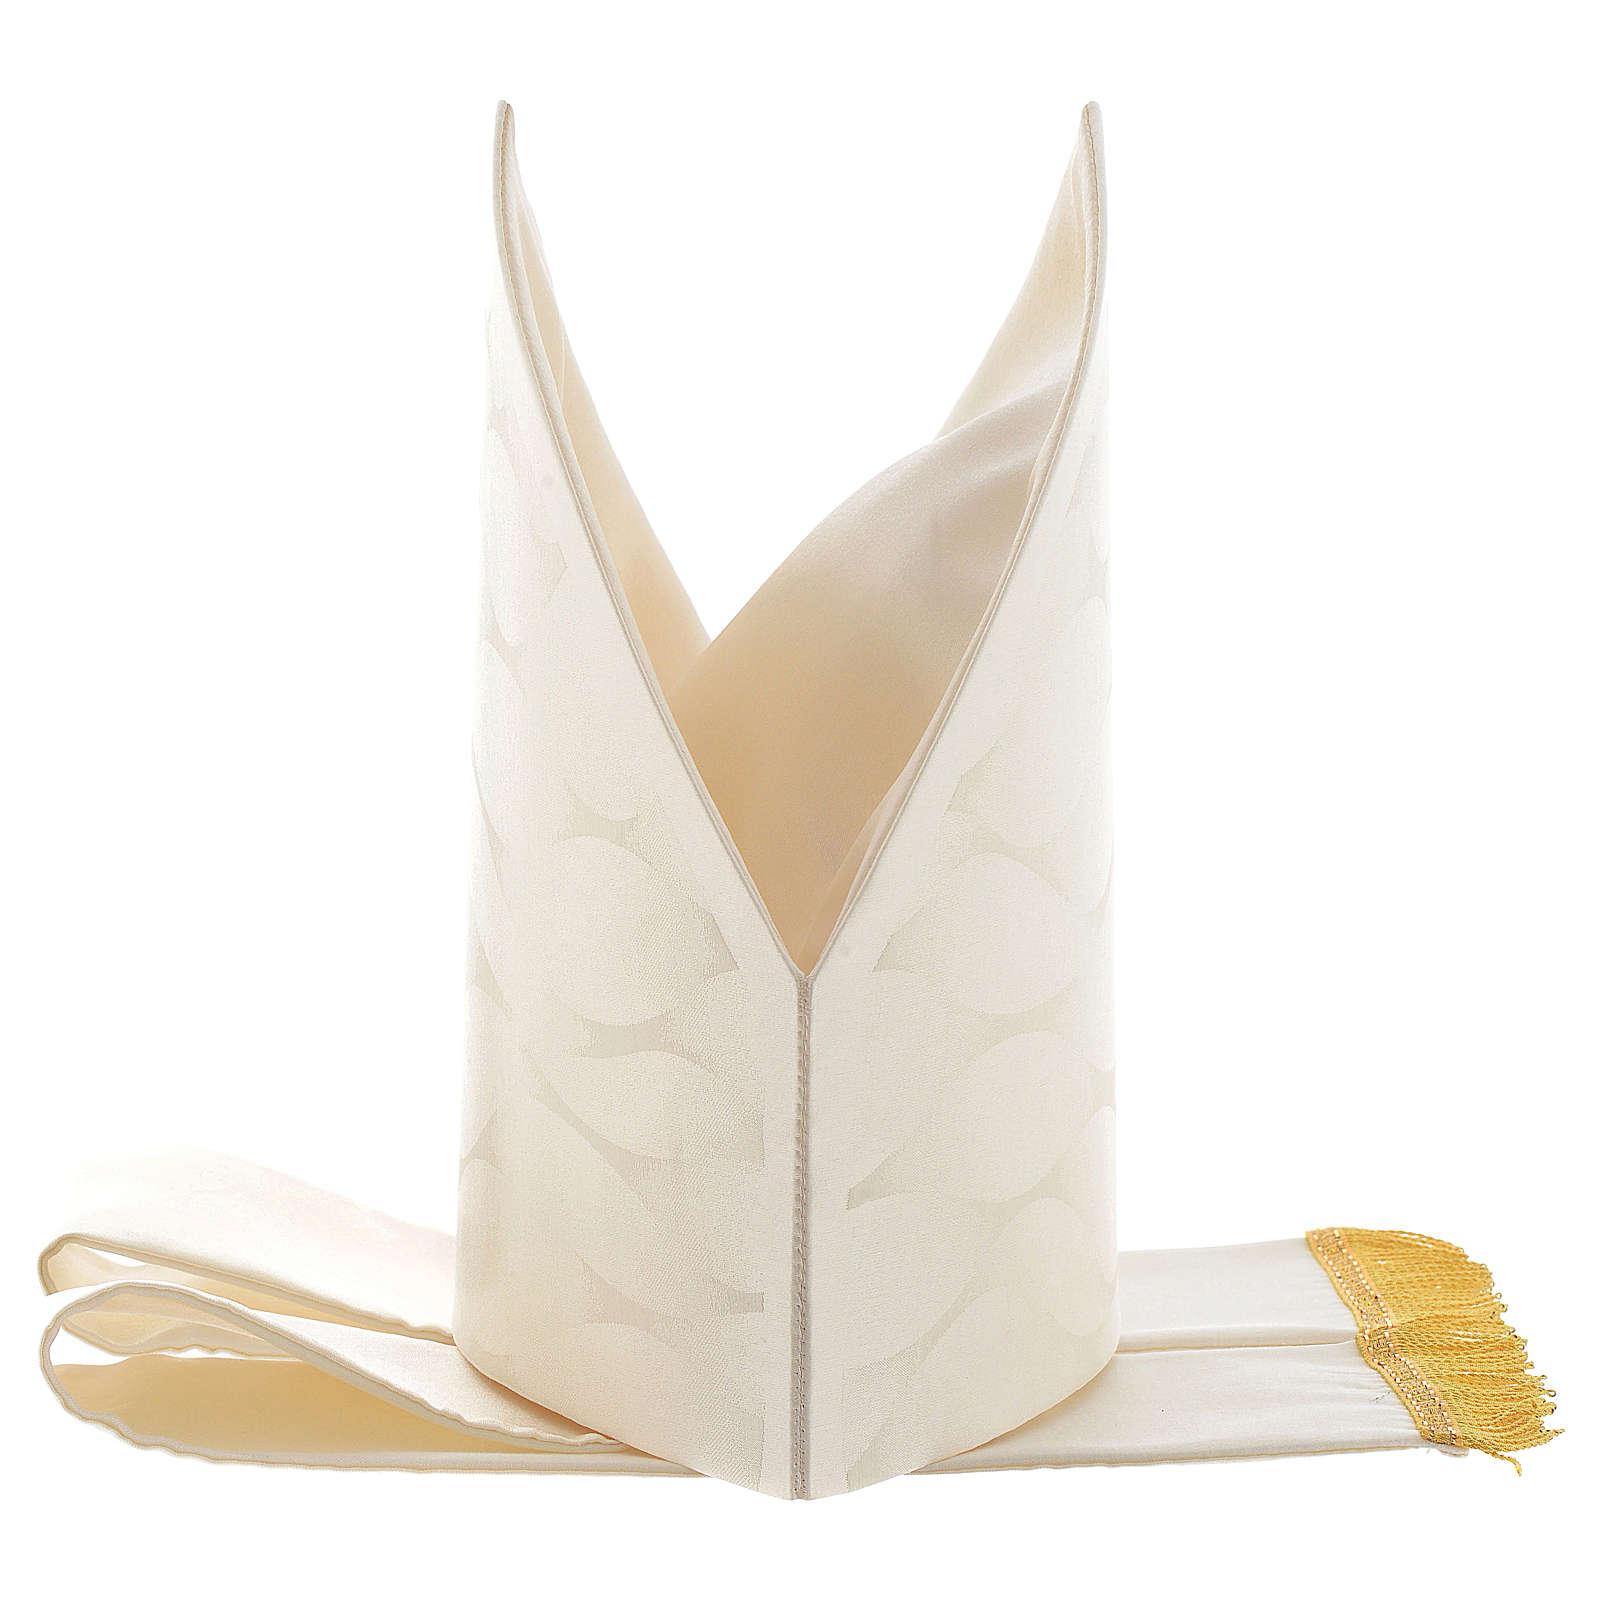 Mitra in den Farben weiß und elfenbein aus Jacqardgewebe (Wolle und Seide) 3